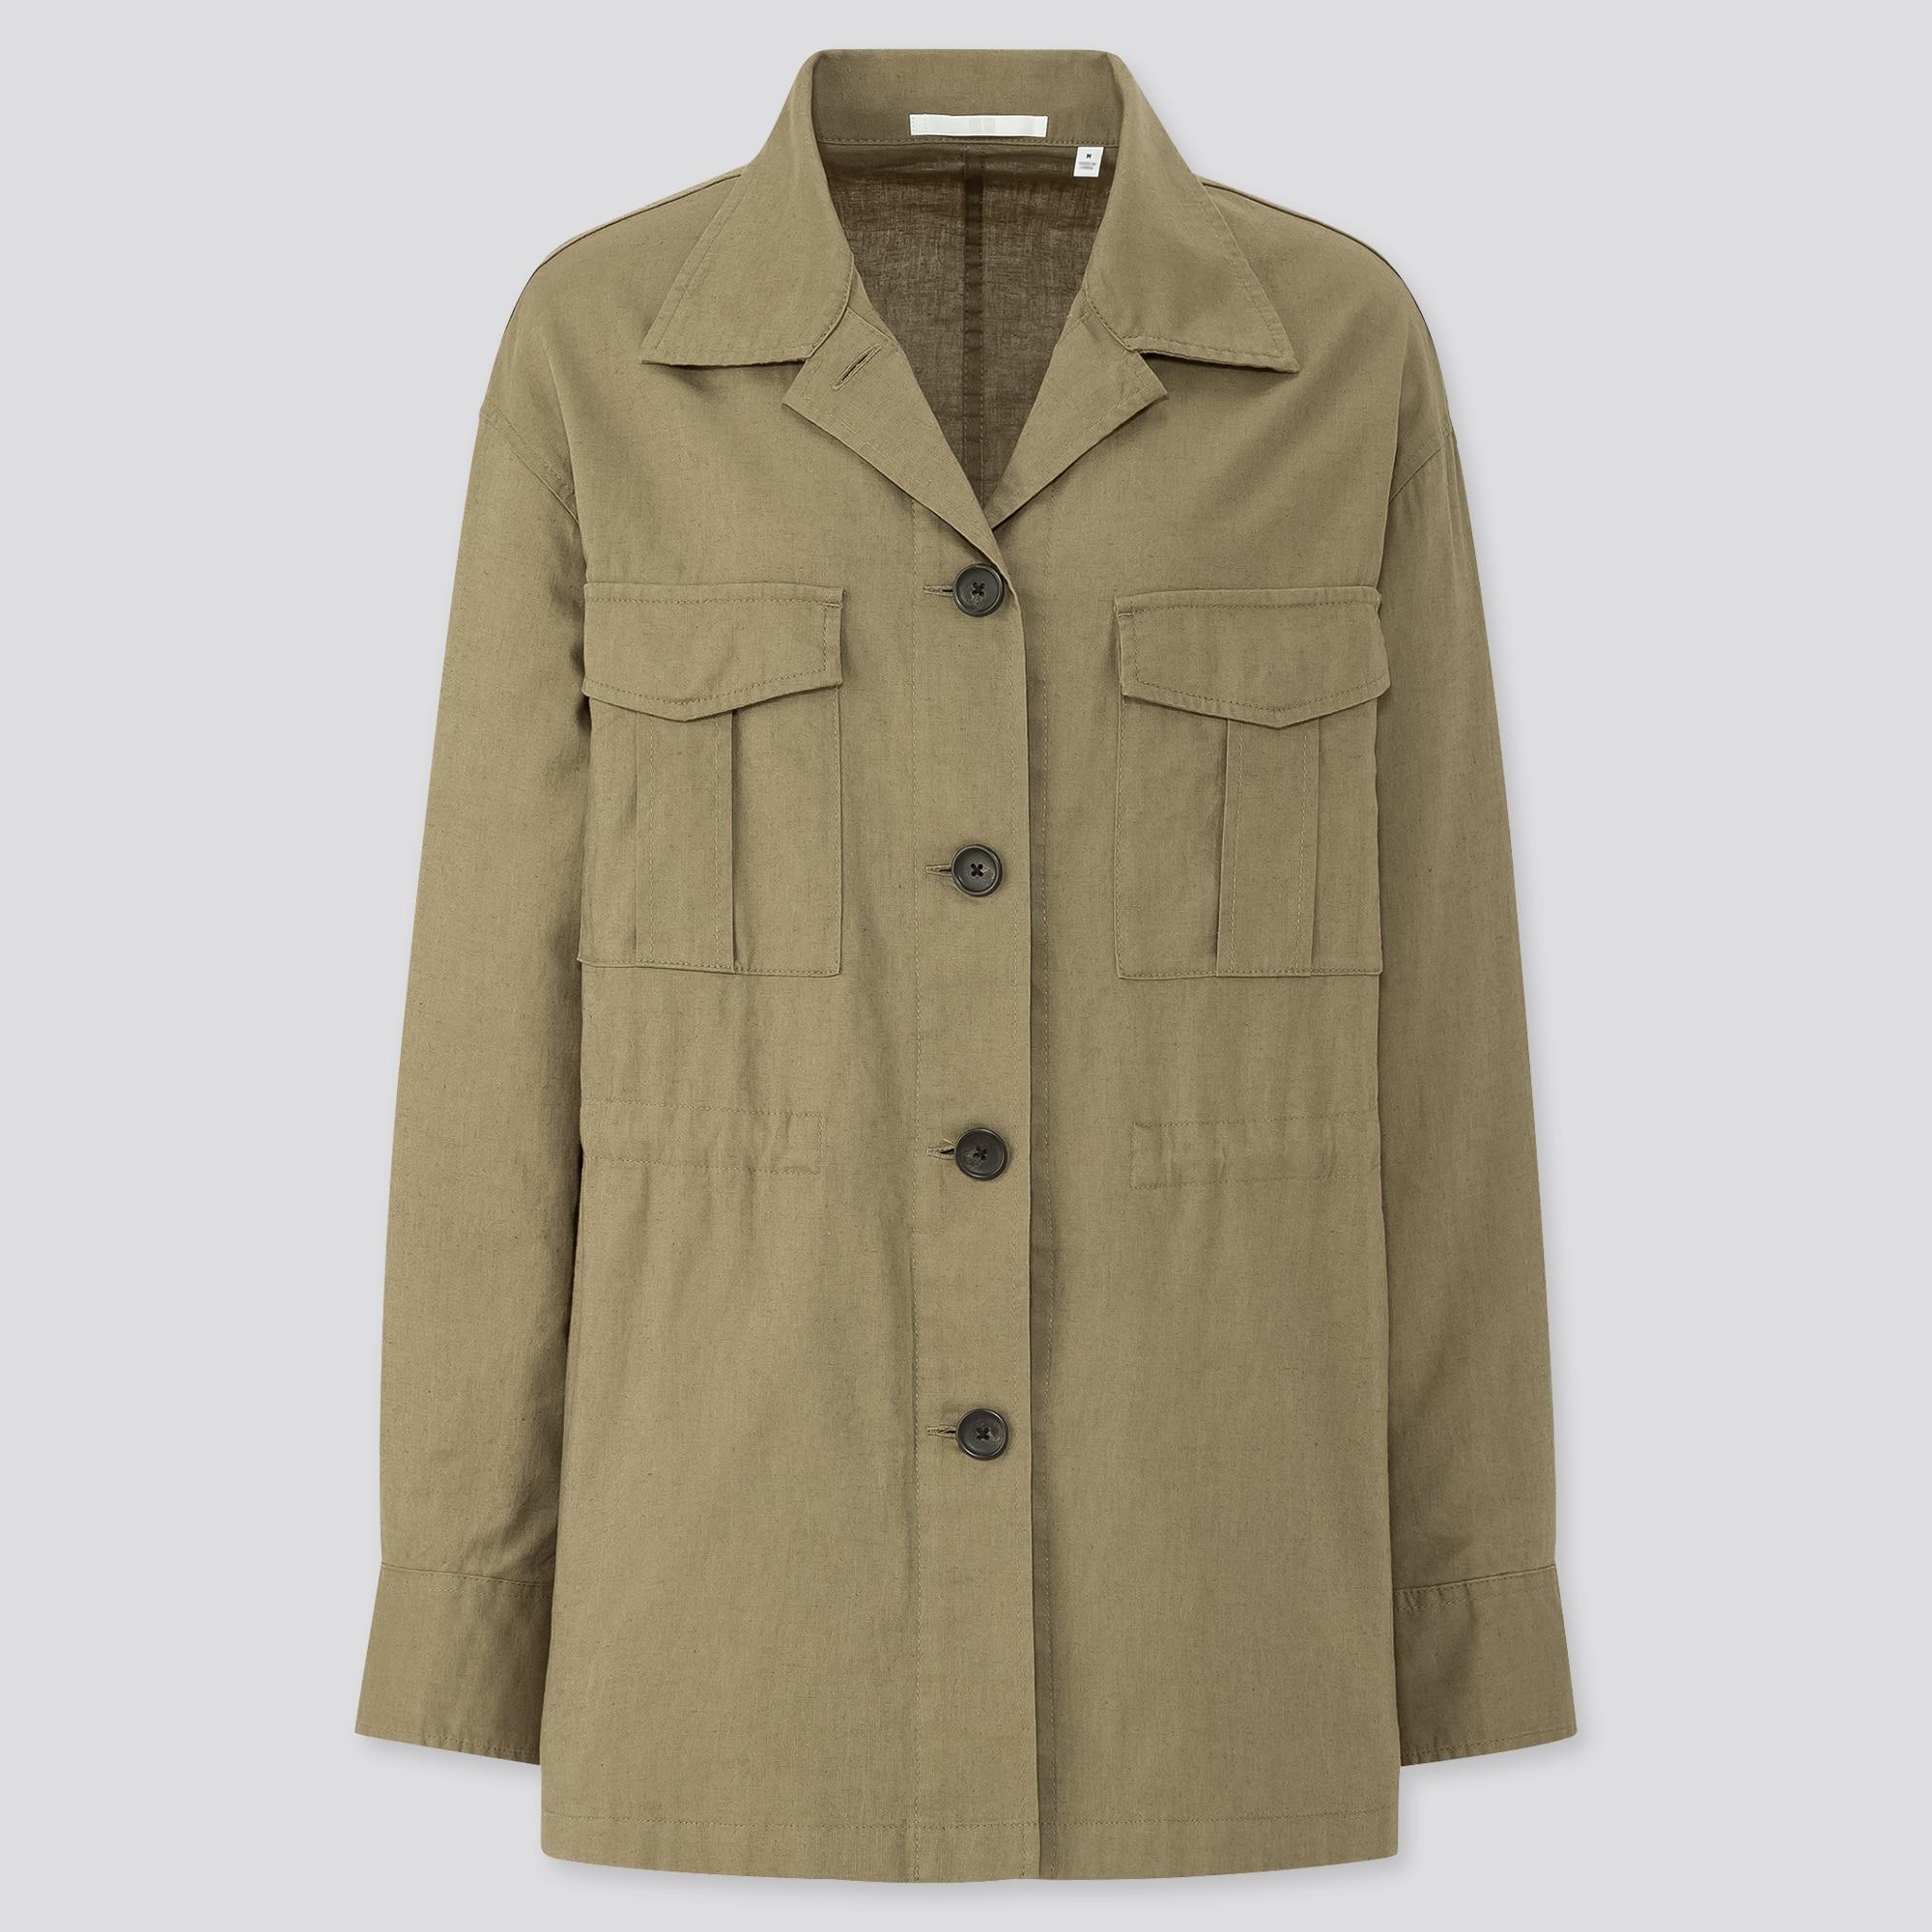 Women Linen Cotton Blend Shirt Jacket